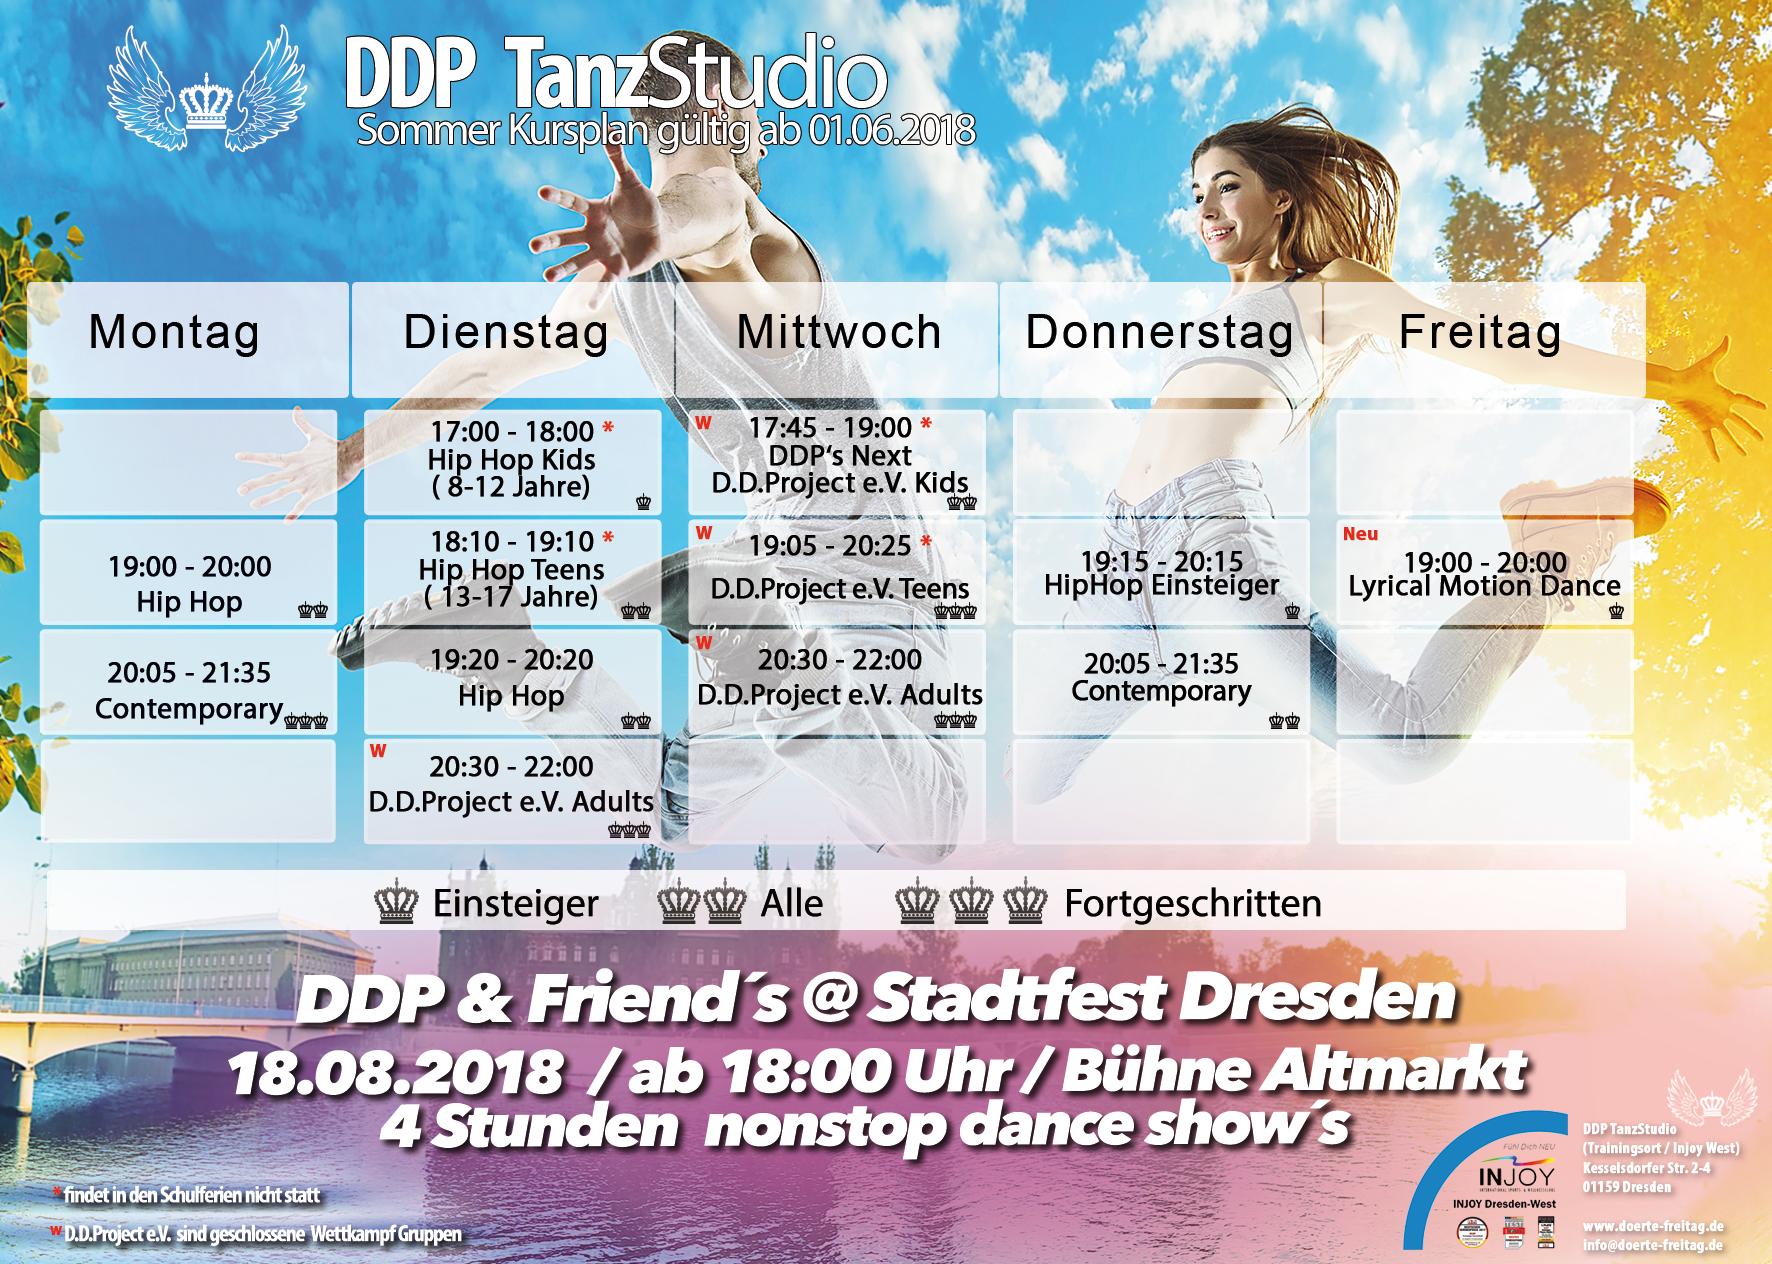 DDP Tanzstudio Kursplan sommer 2018